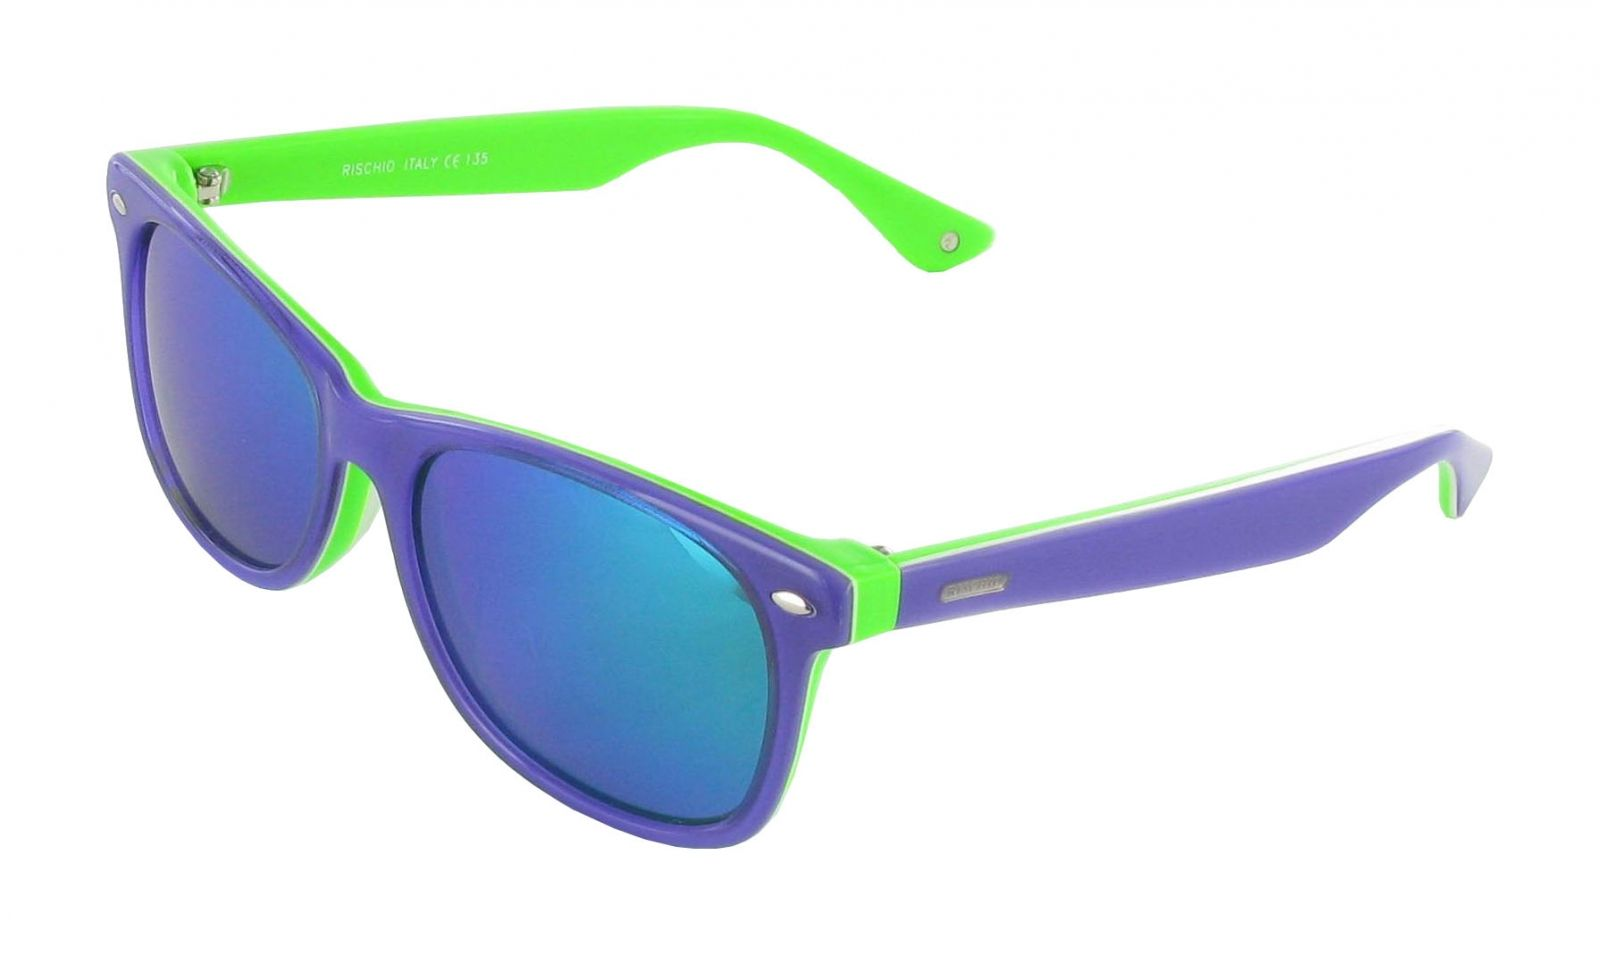 a0e4775c49 Gafa Rischio Sol - Gafas De Sol, Dolce & Gabbana, Lacoste, Gafas De